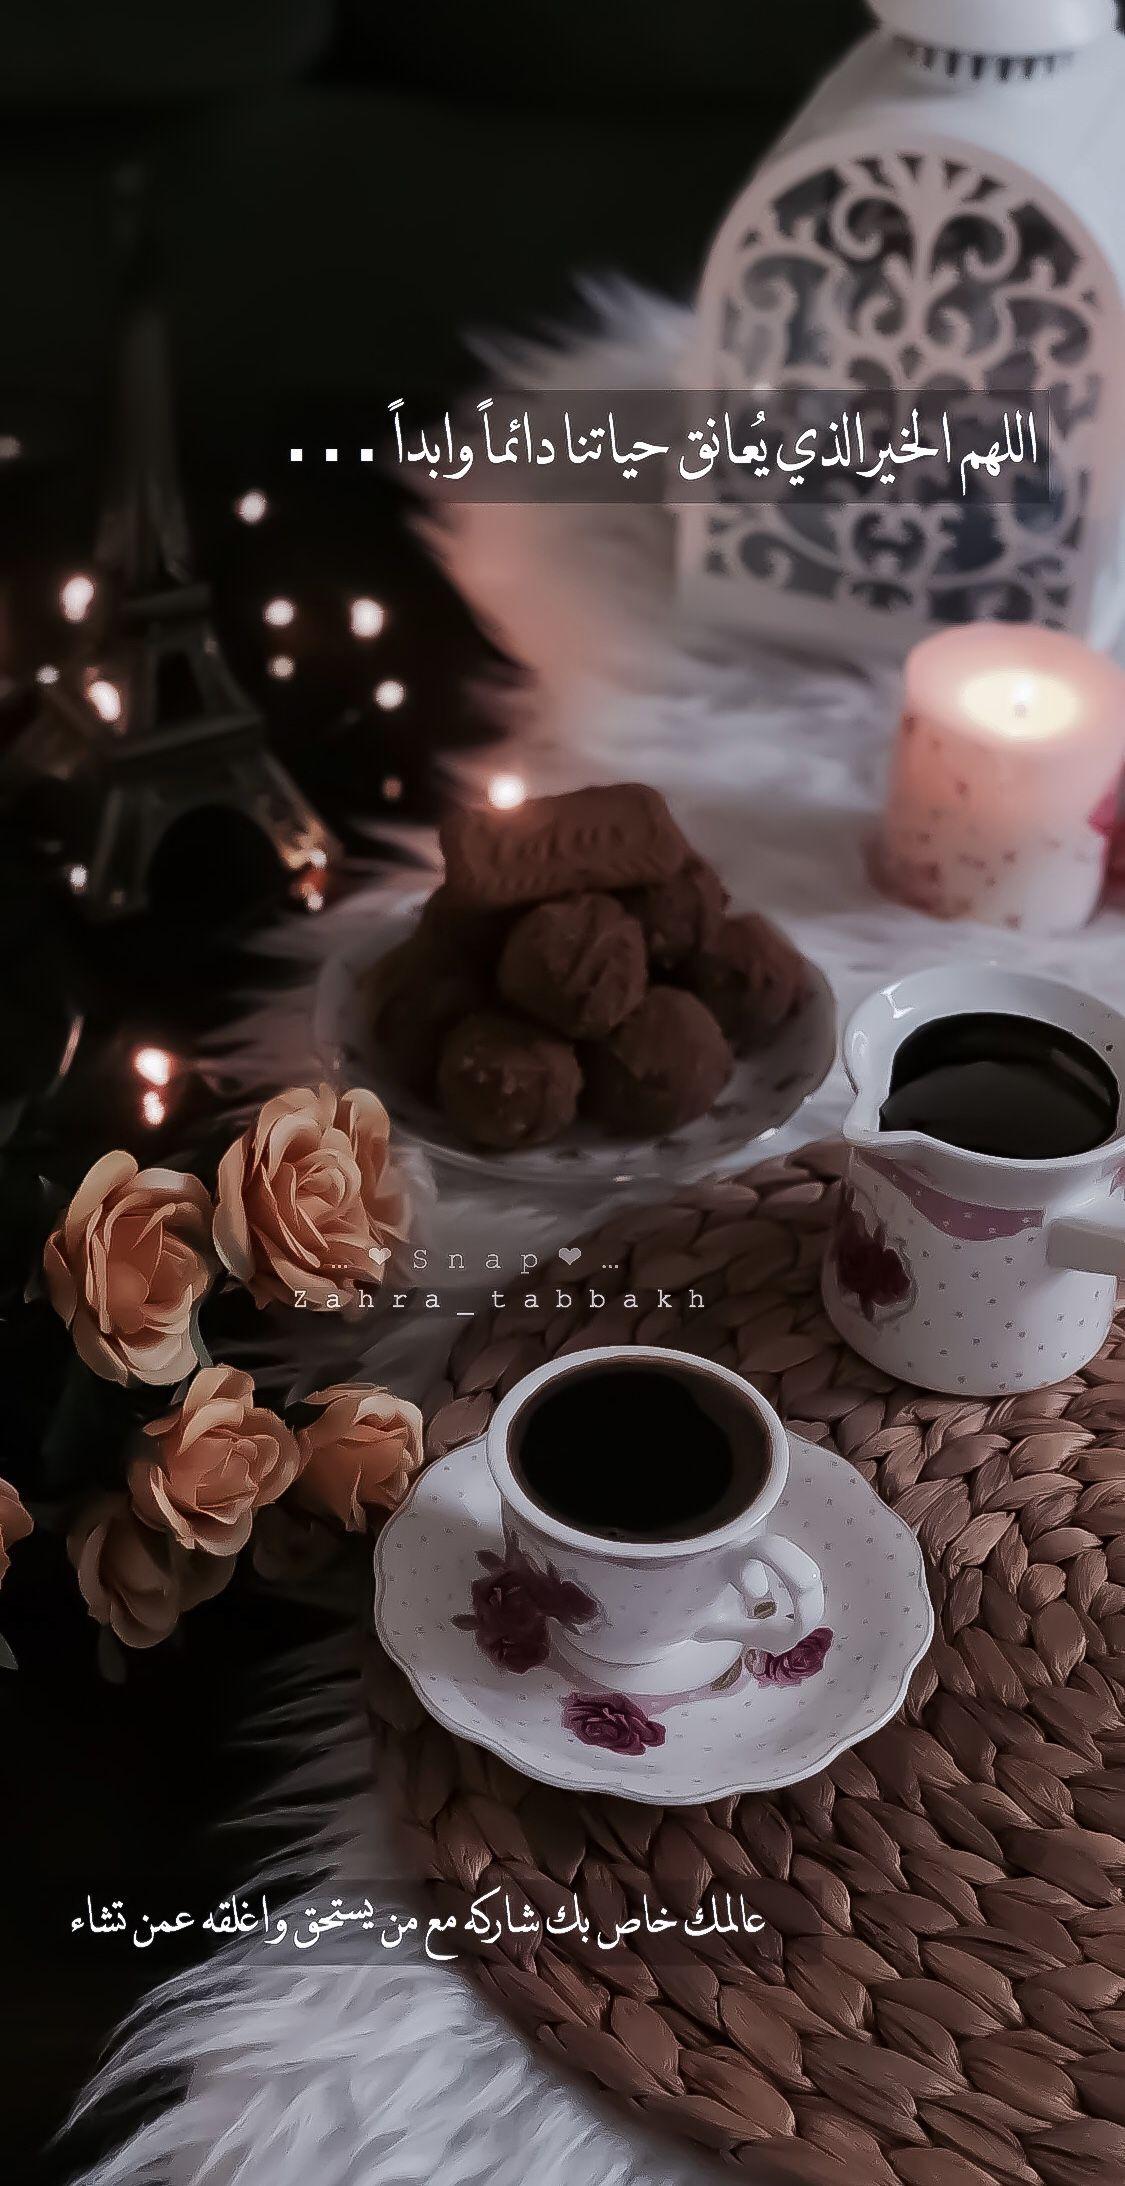 قهوتي قهوة صباحالخير صباحالورد سنابات اقتباسات بيسيات دعاء جمعةمباركة جمعة صباحات صباح Coffee And Books Romantic Birthday Good Morning My Love